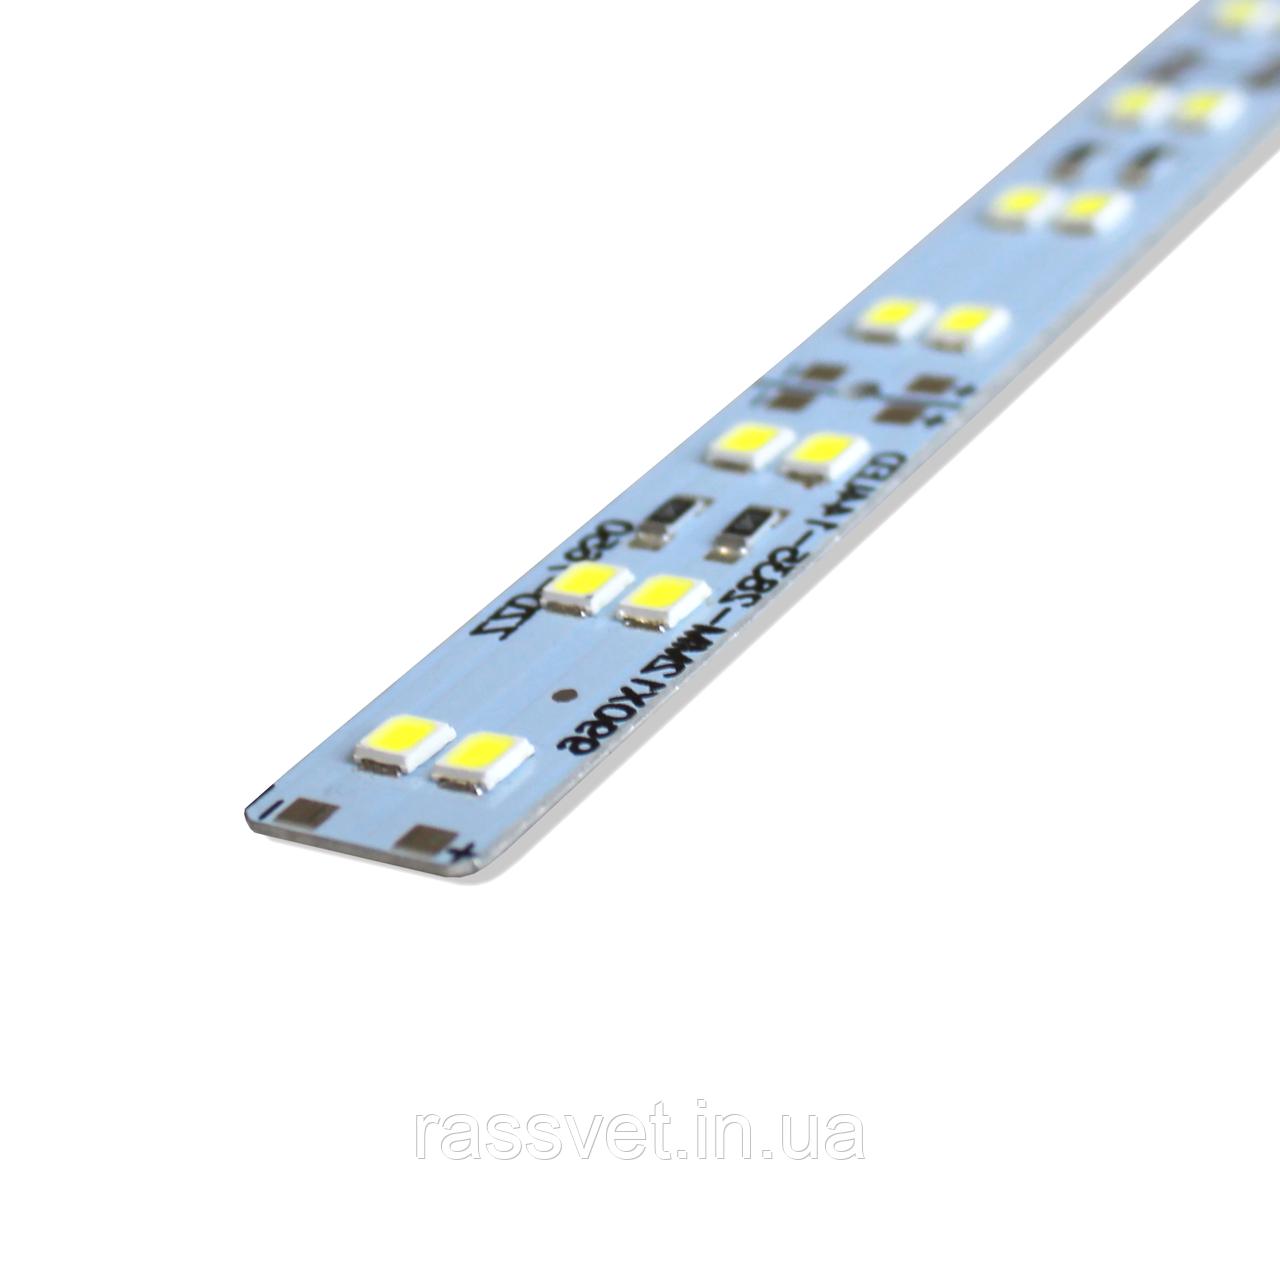 Светодиодная линейка Crop SMD2835 144 диода Холодный Белый 2-х рядная (20882)